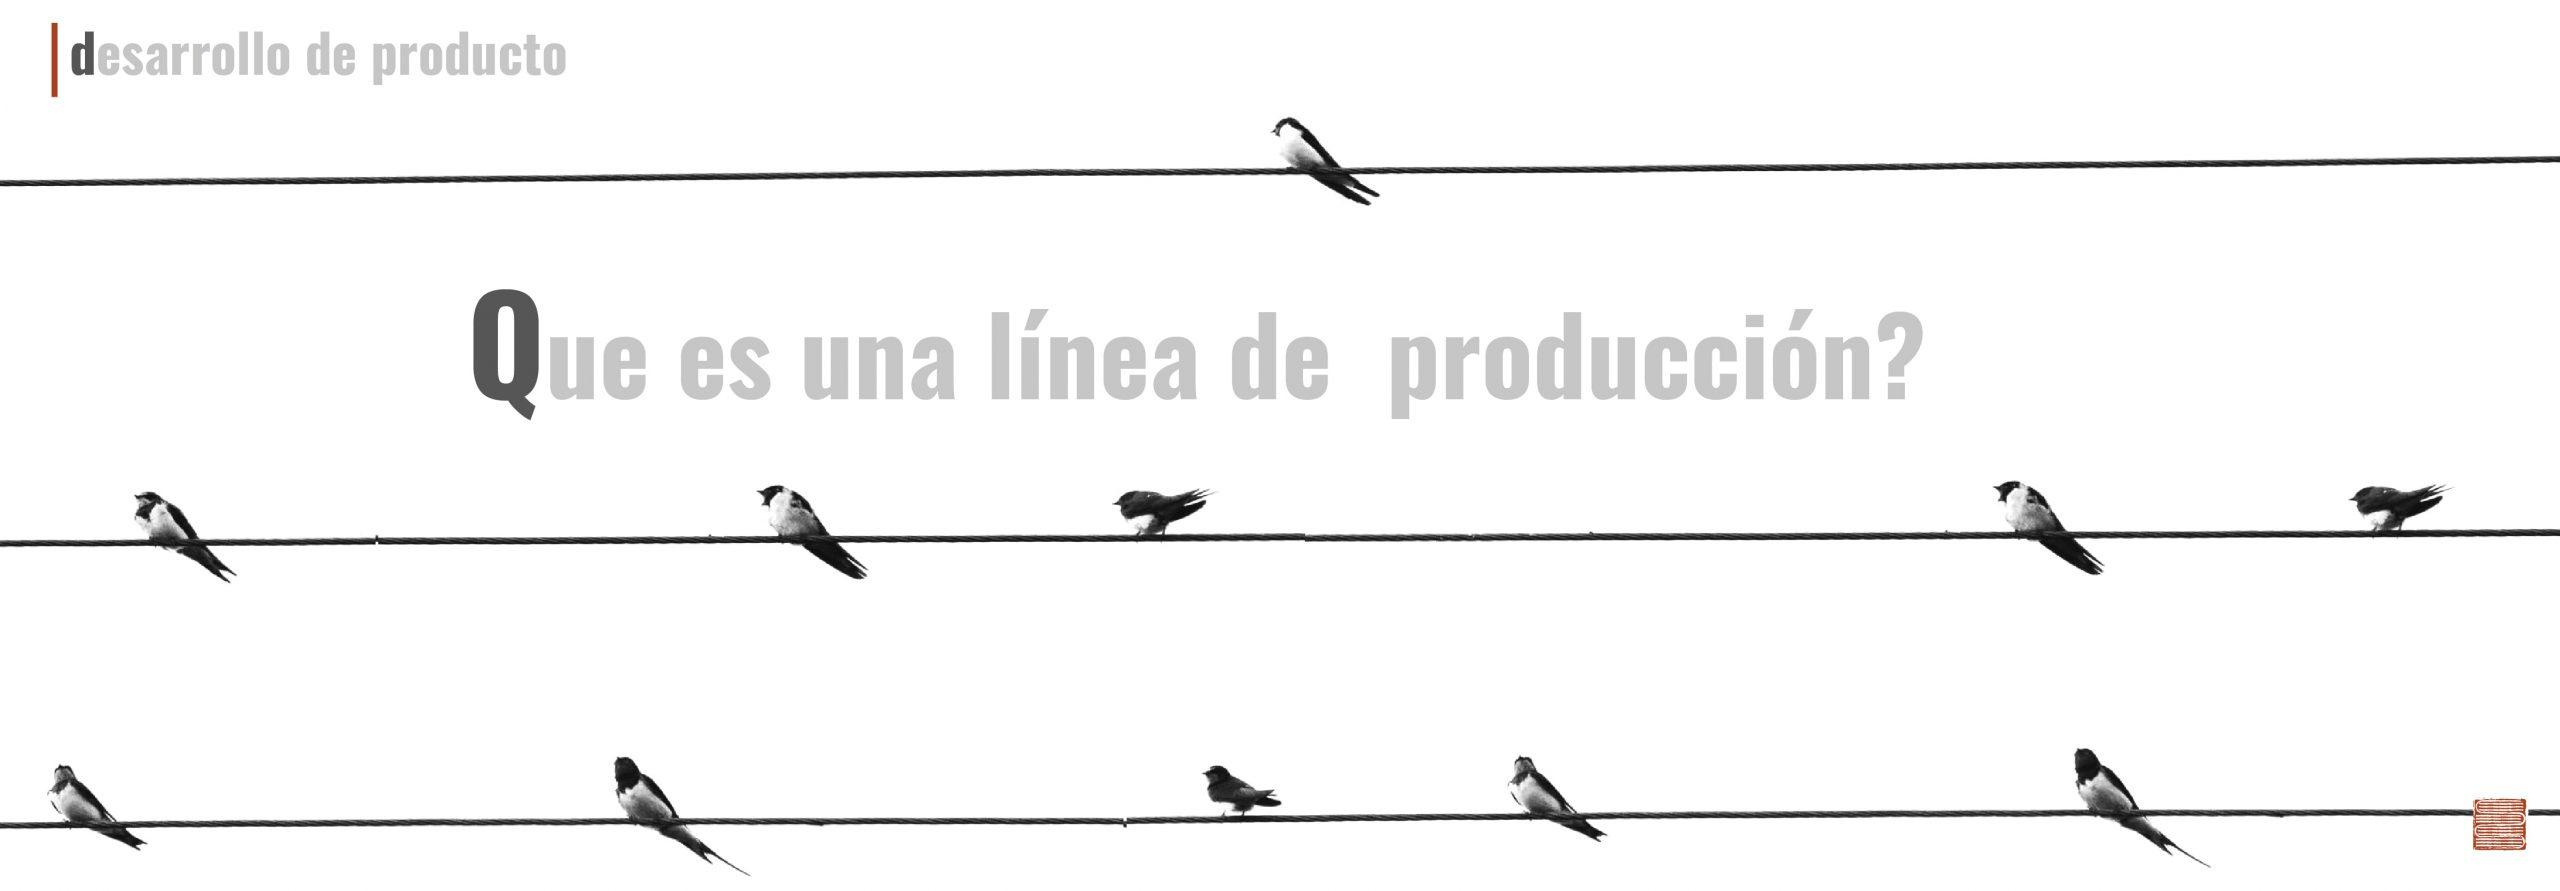 Que es una línea de producción?